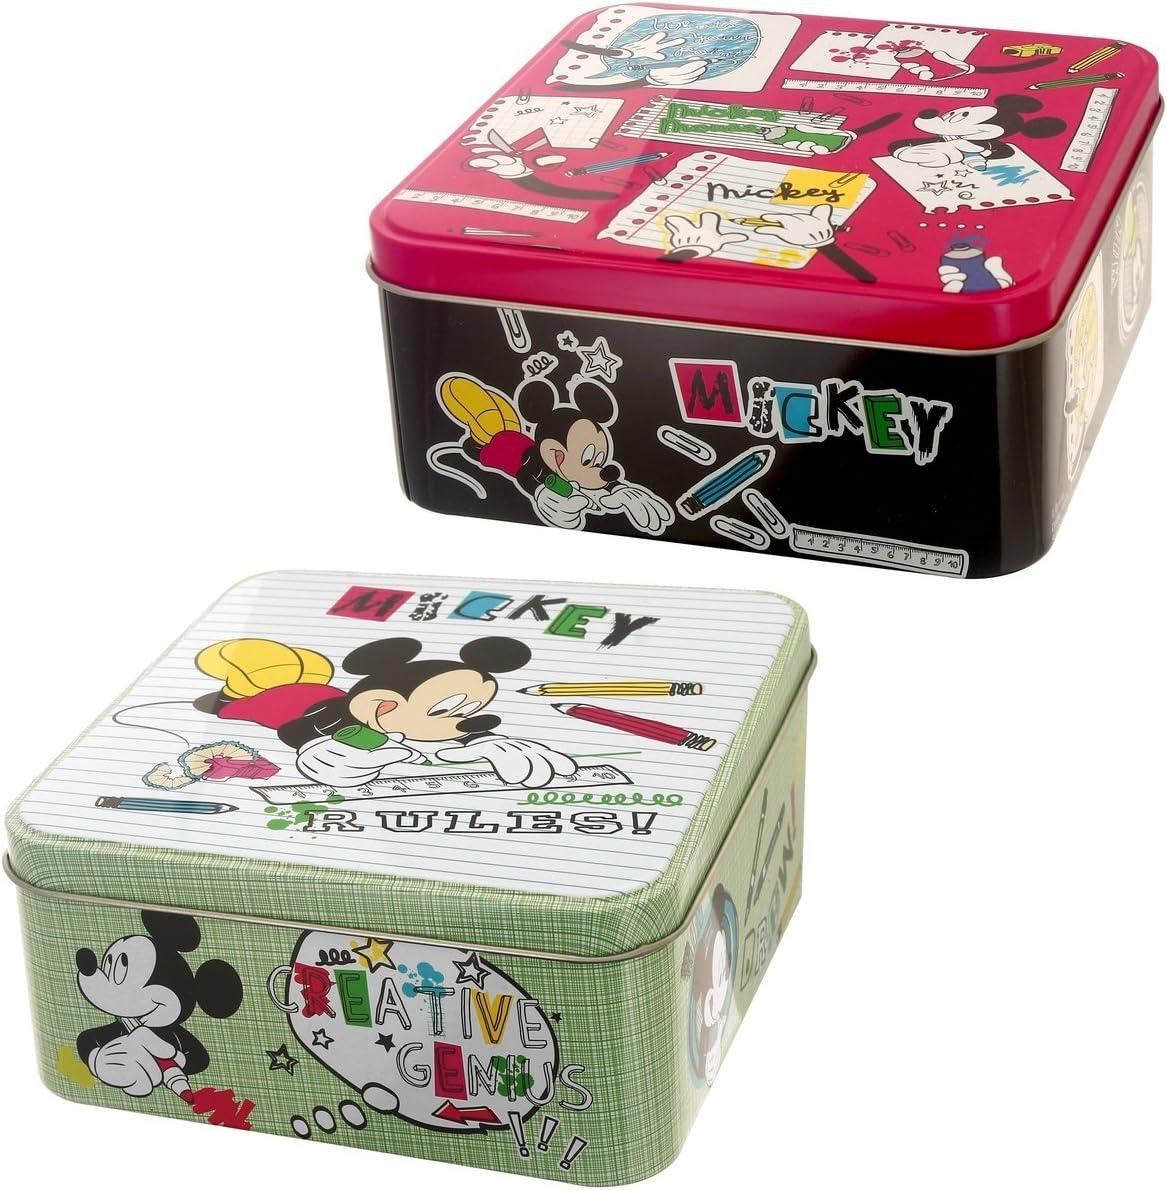 Disney-Juego De 2 cajas De almacenaje, diseño De Disney Mickey Mouse retro De metal, diseño De asuntos enfadado: Amazon.es: Hogar